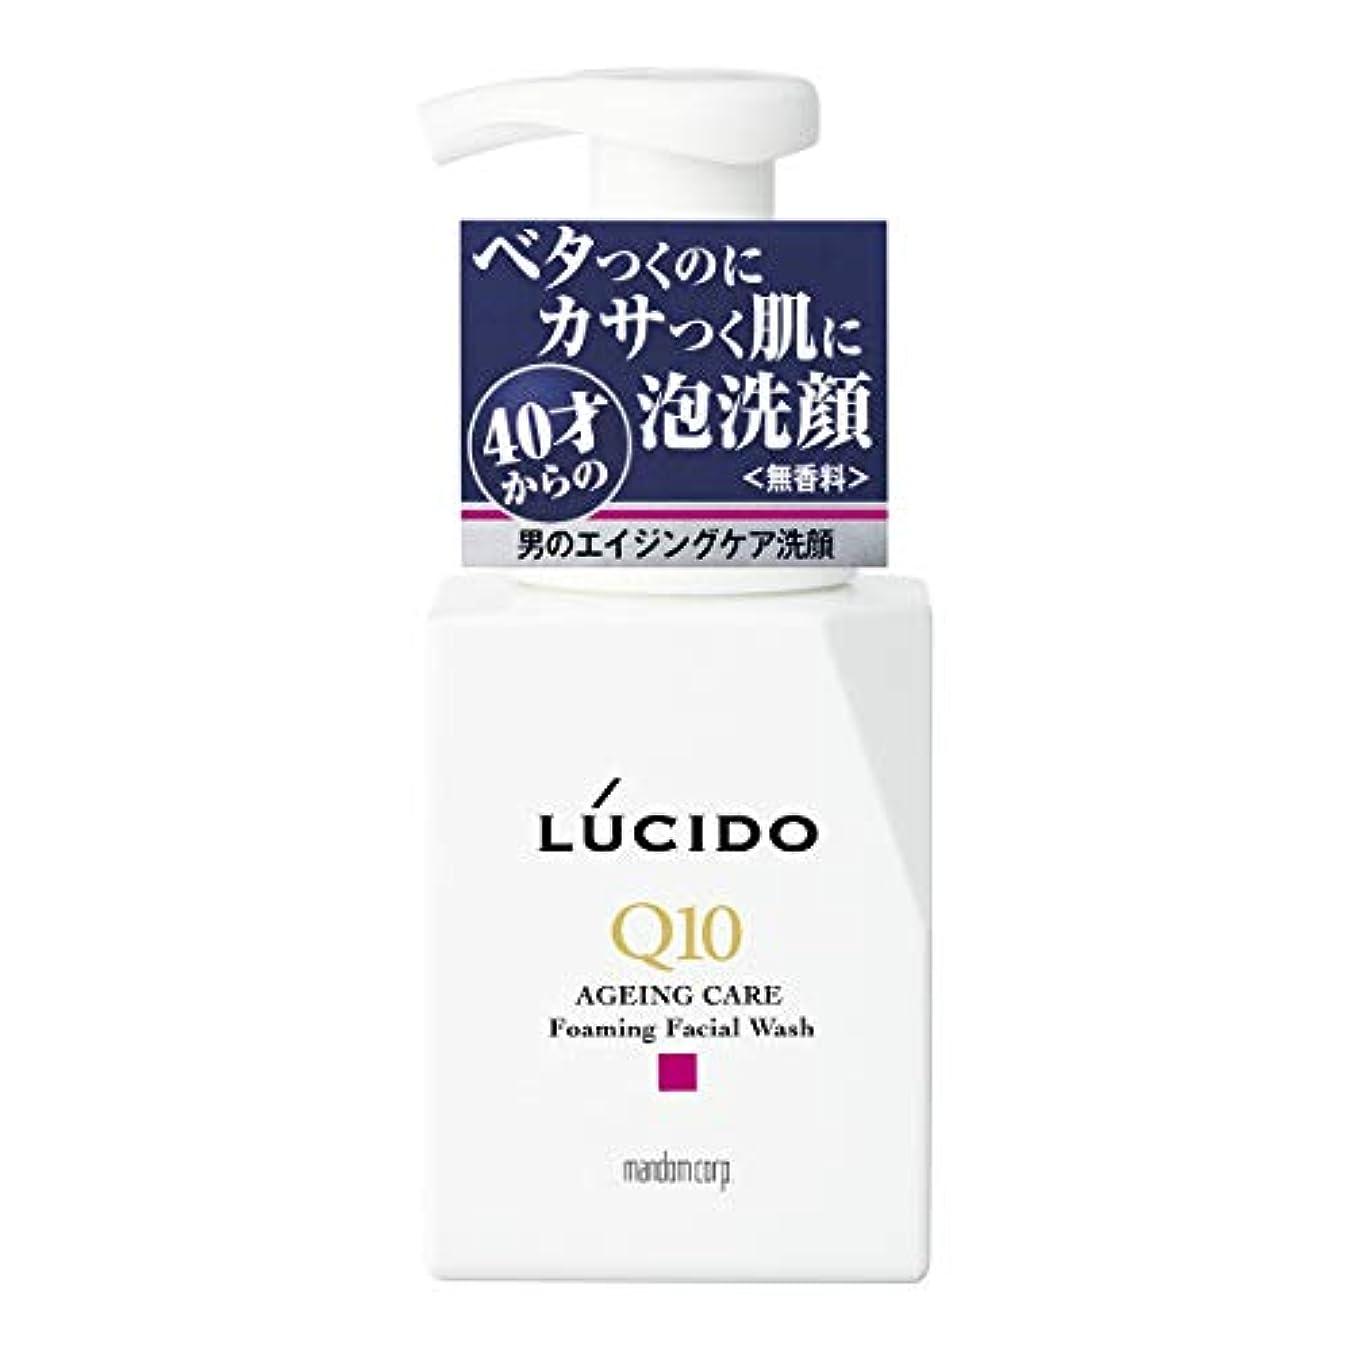 かわいらしい懐疑的根拠LUCIDO(ルシード) トータルケア泡洗顔 Q10 150mL